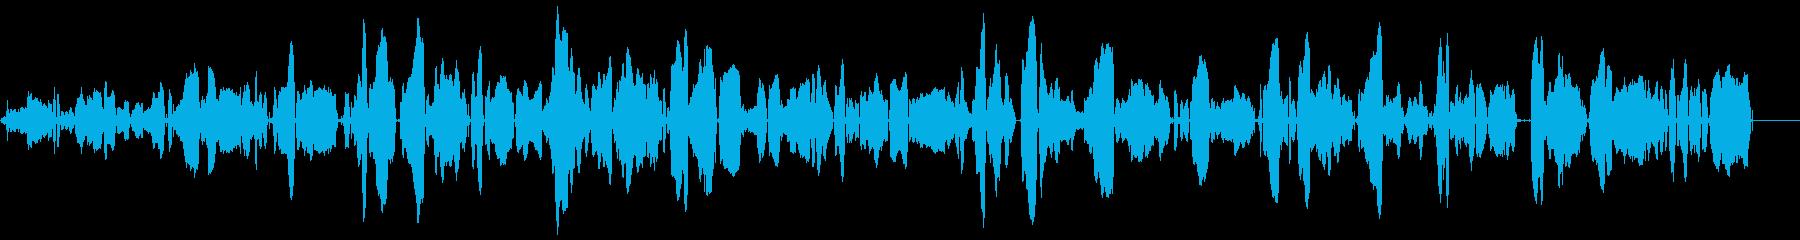 ゾンビのうめき声、独身女性3の再生済みの波形